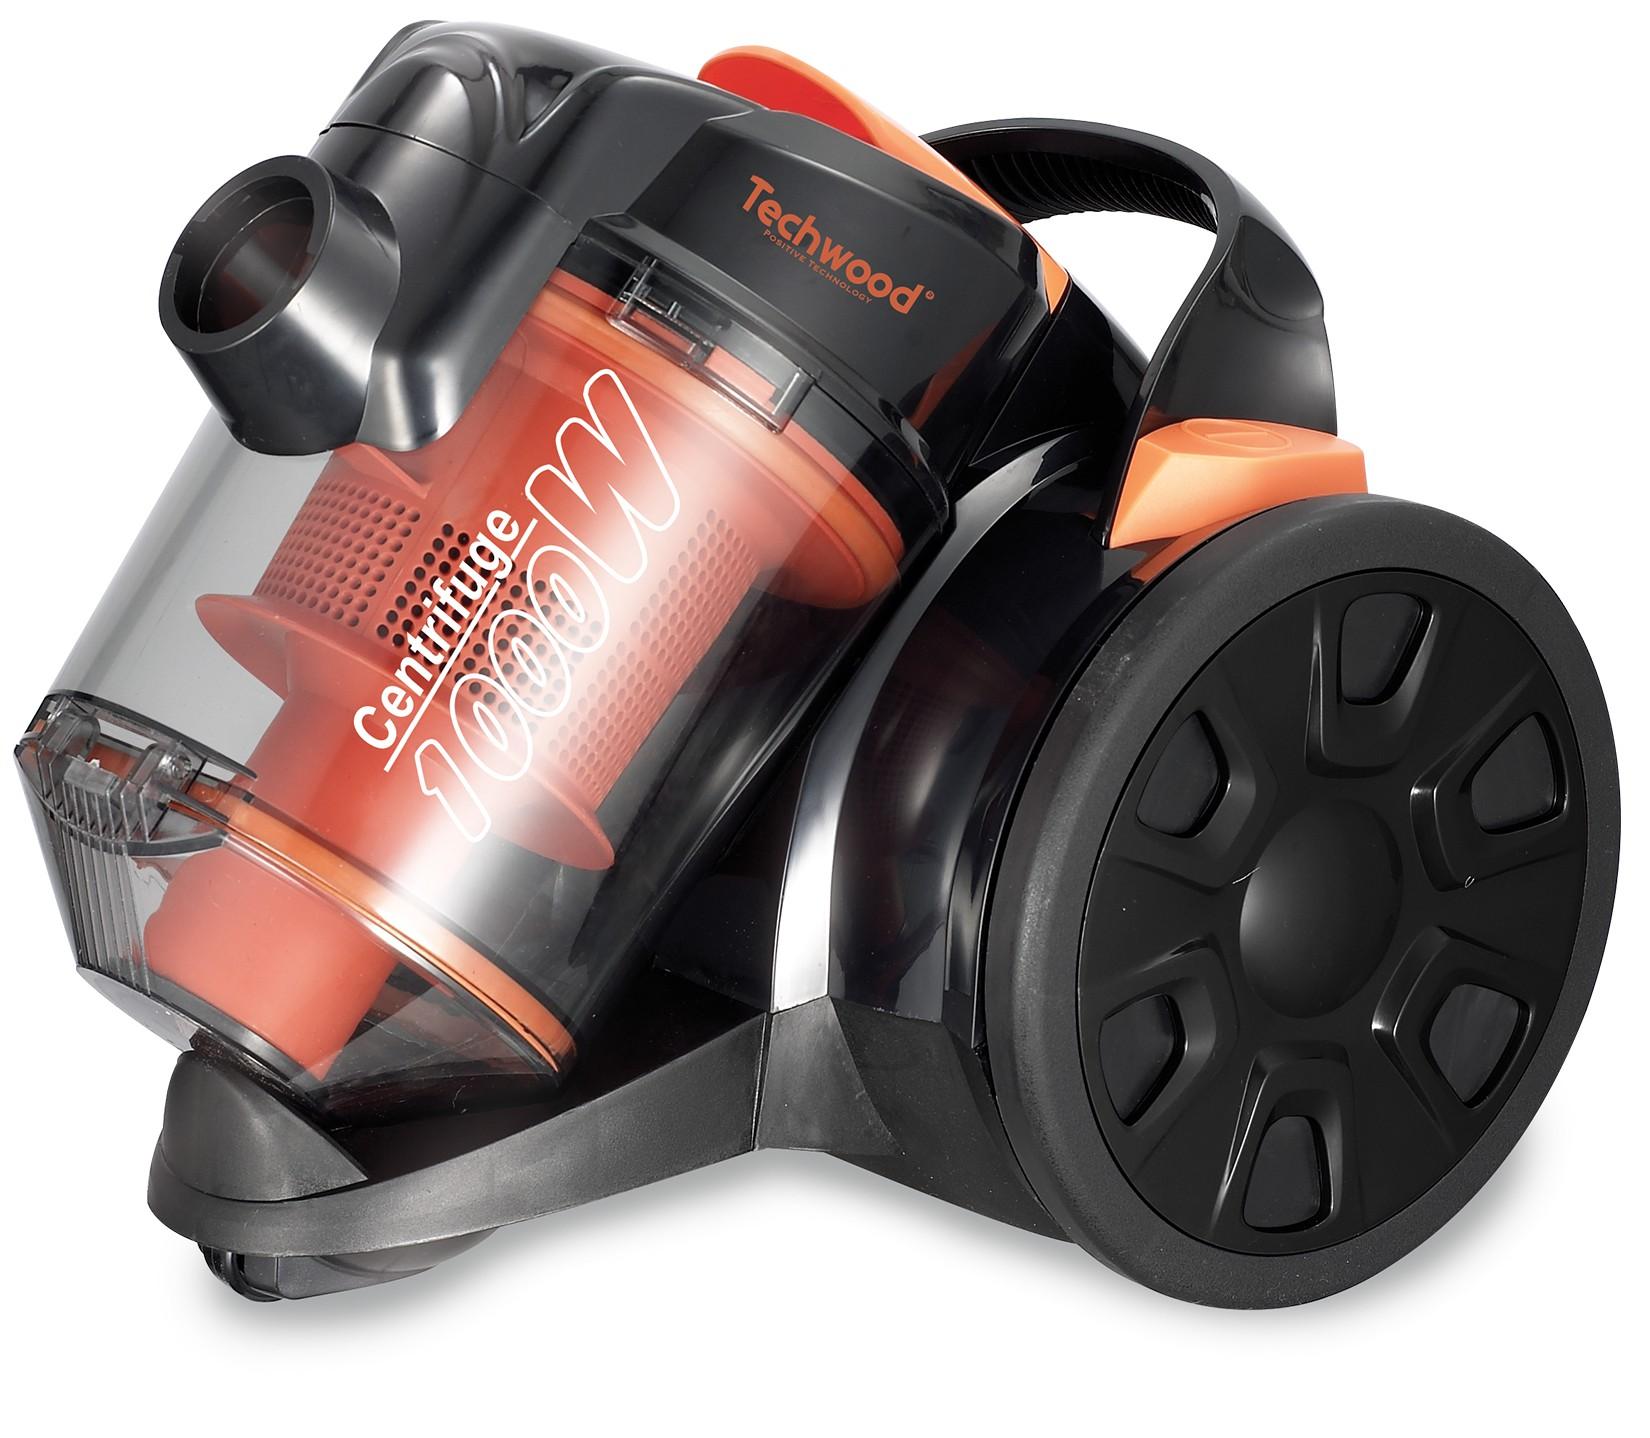 meilleur aspirateur 1000w sans sac comparatif avis test. Black Bedroom Furniture Sets. Home Design Ideas